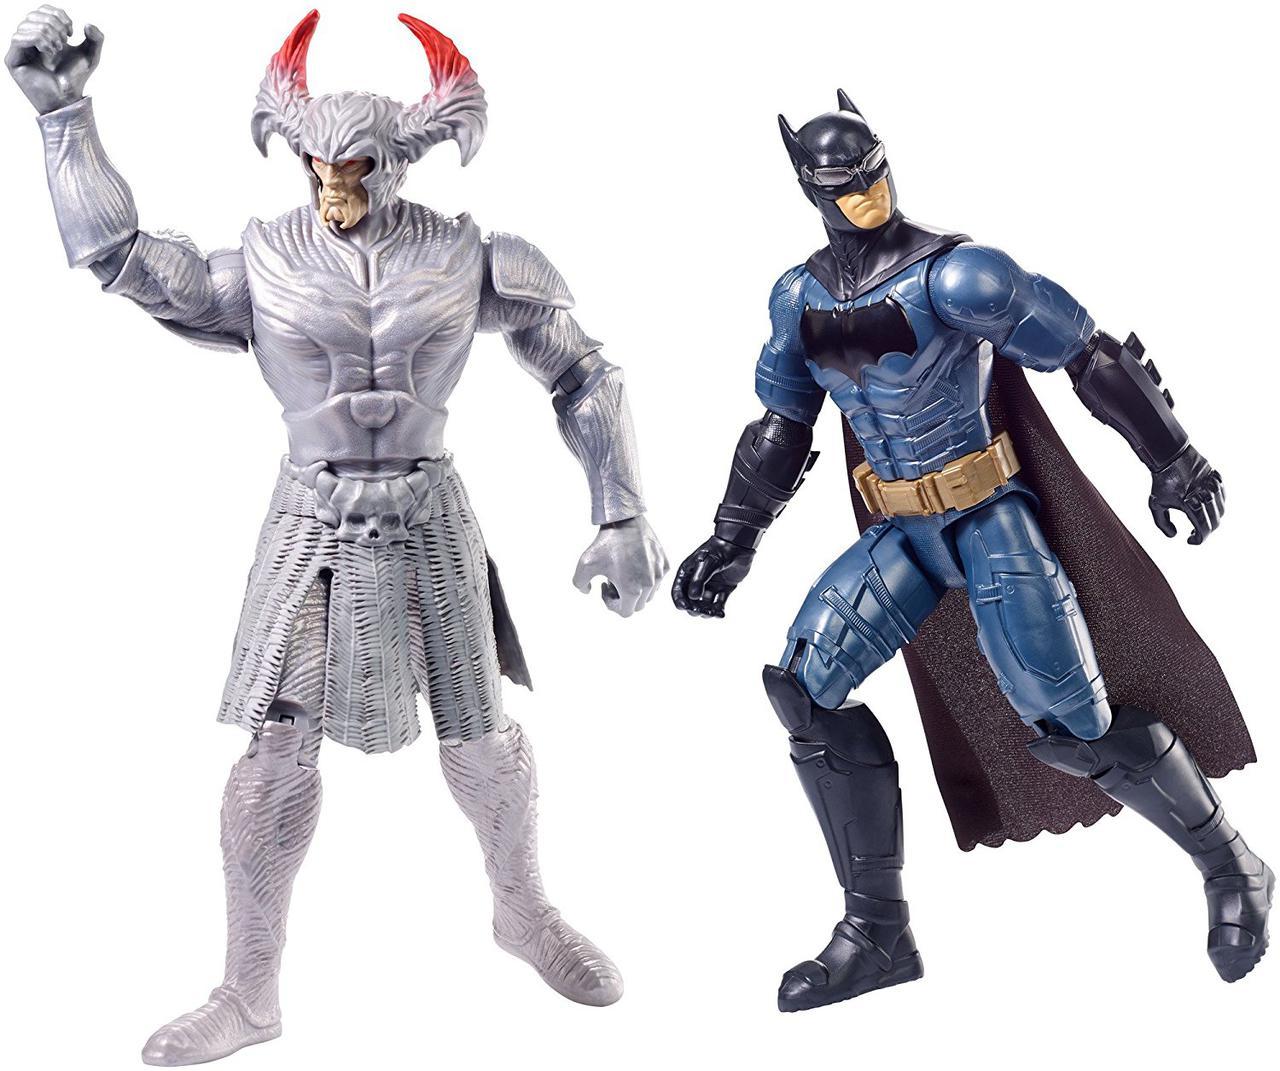 Бэтмен, Набор две фигурки по 30 см, Бетмен и Степной Волк, DC Justice League, Batman vs Steppenwolf